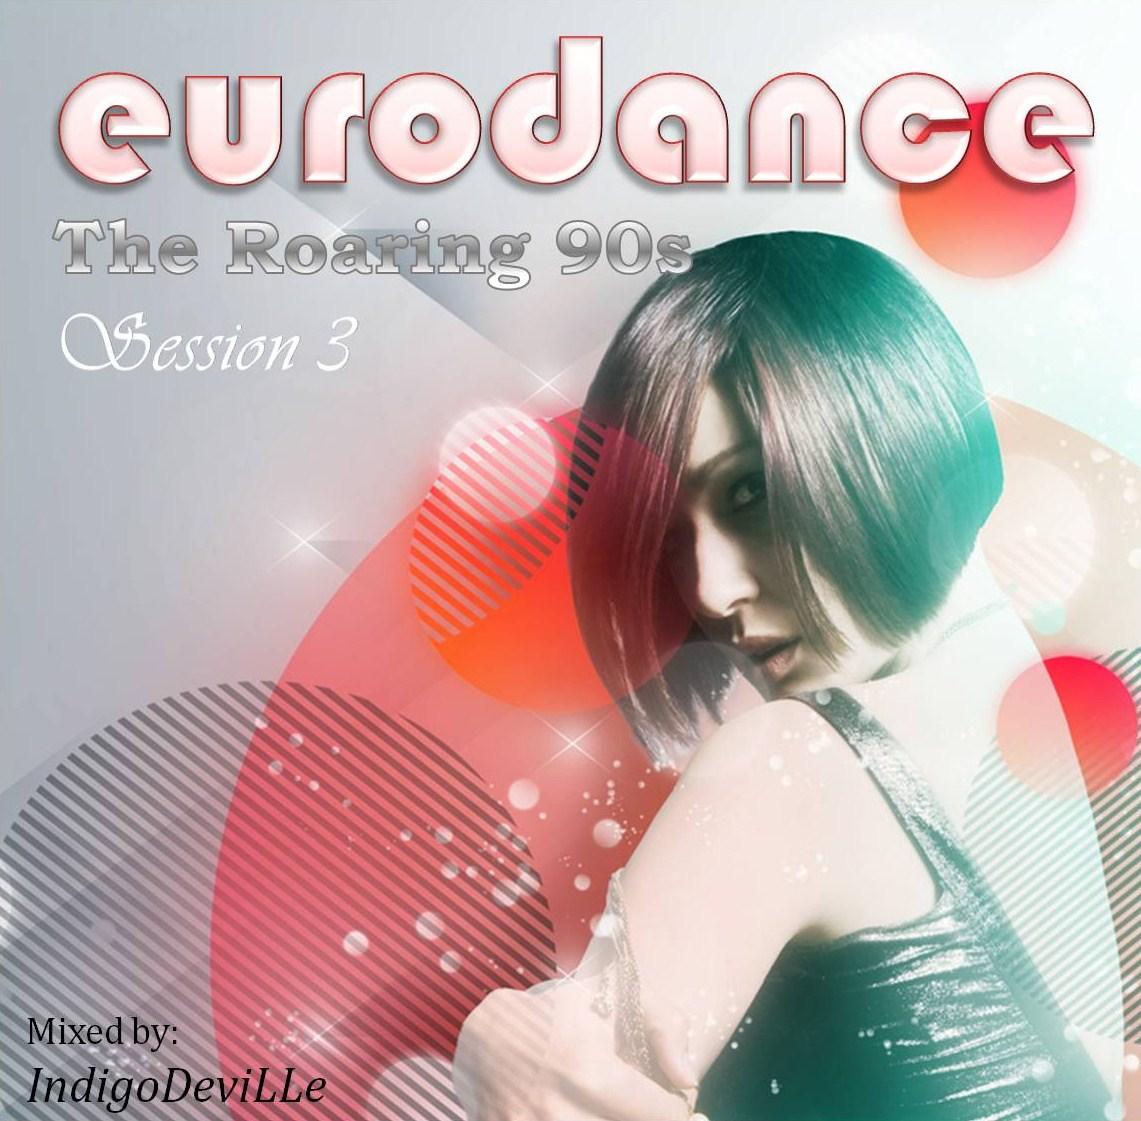 http://3.bp.blogspot.com/_jGUU3qB-E1E/TUzY4_iyOuI/AAAAAAAAAgc/R3w_215FmDQ/s1600/Roaring+90s+3+-+Eurodance.jpg